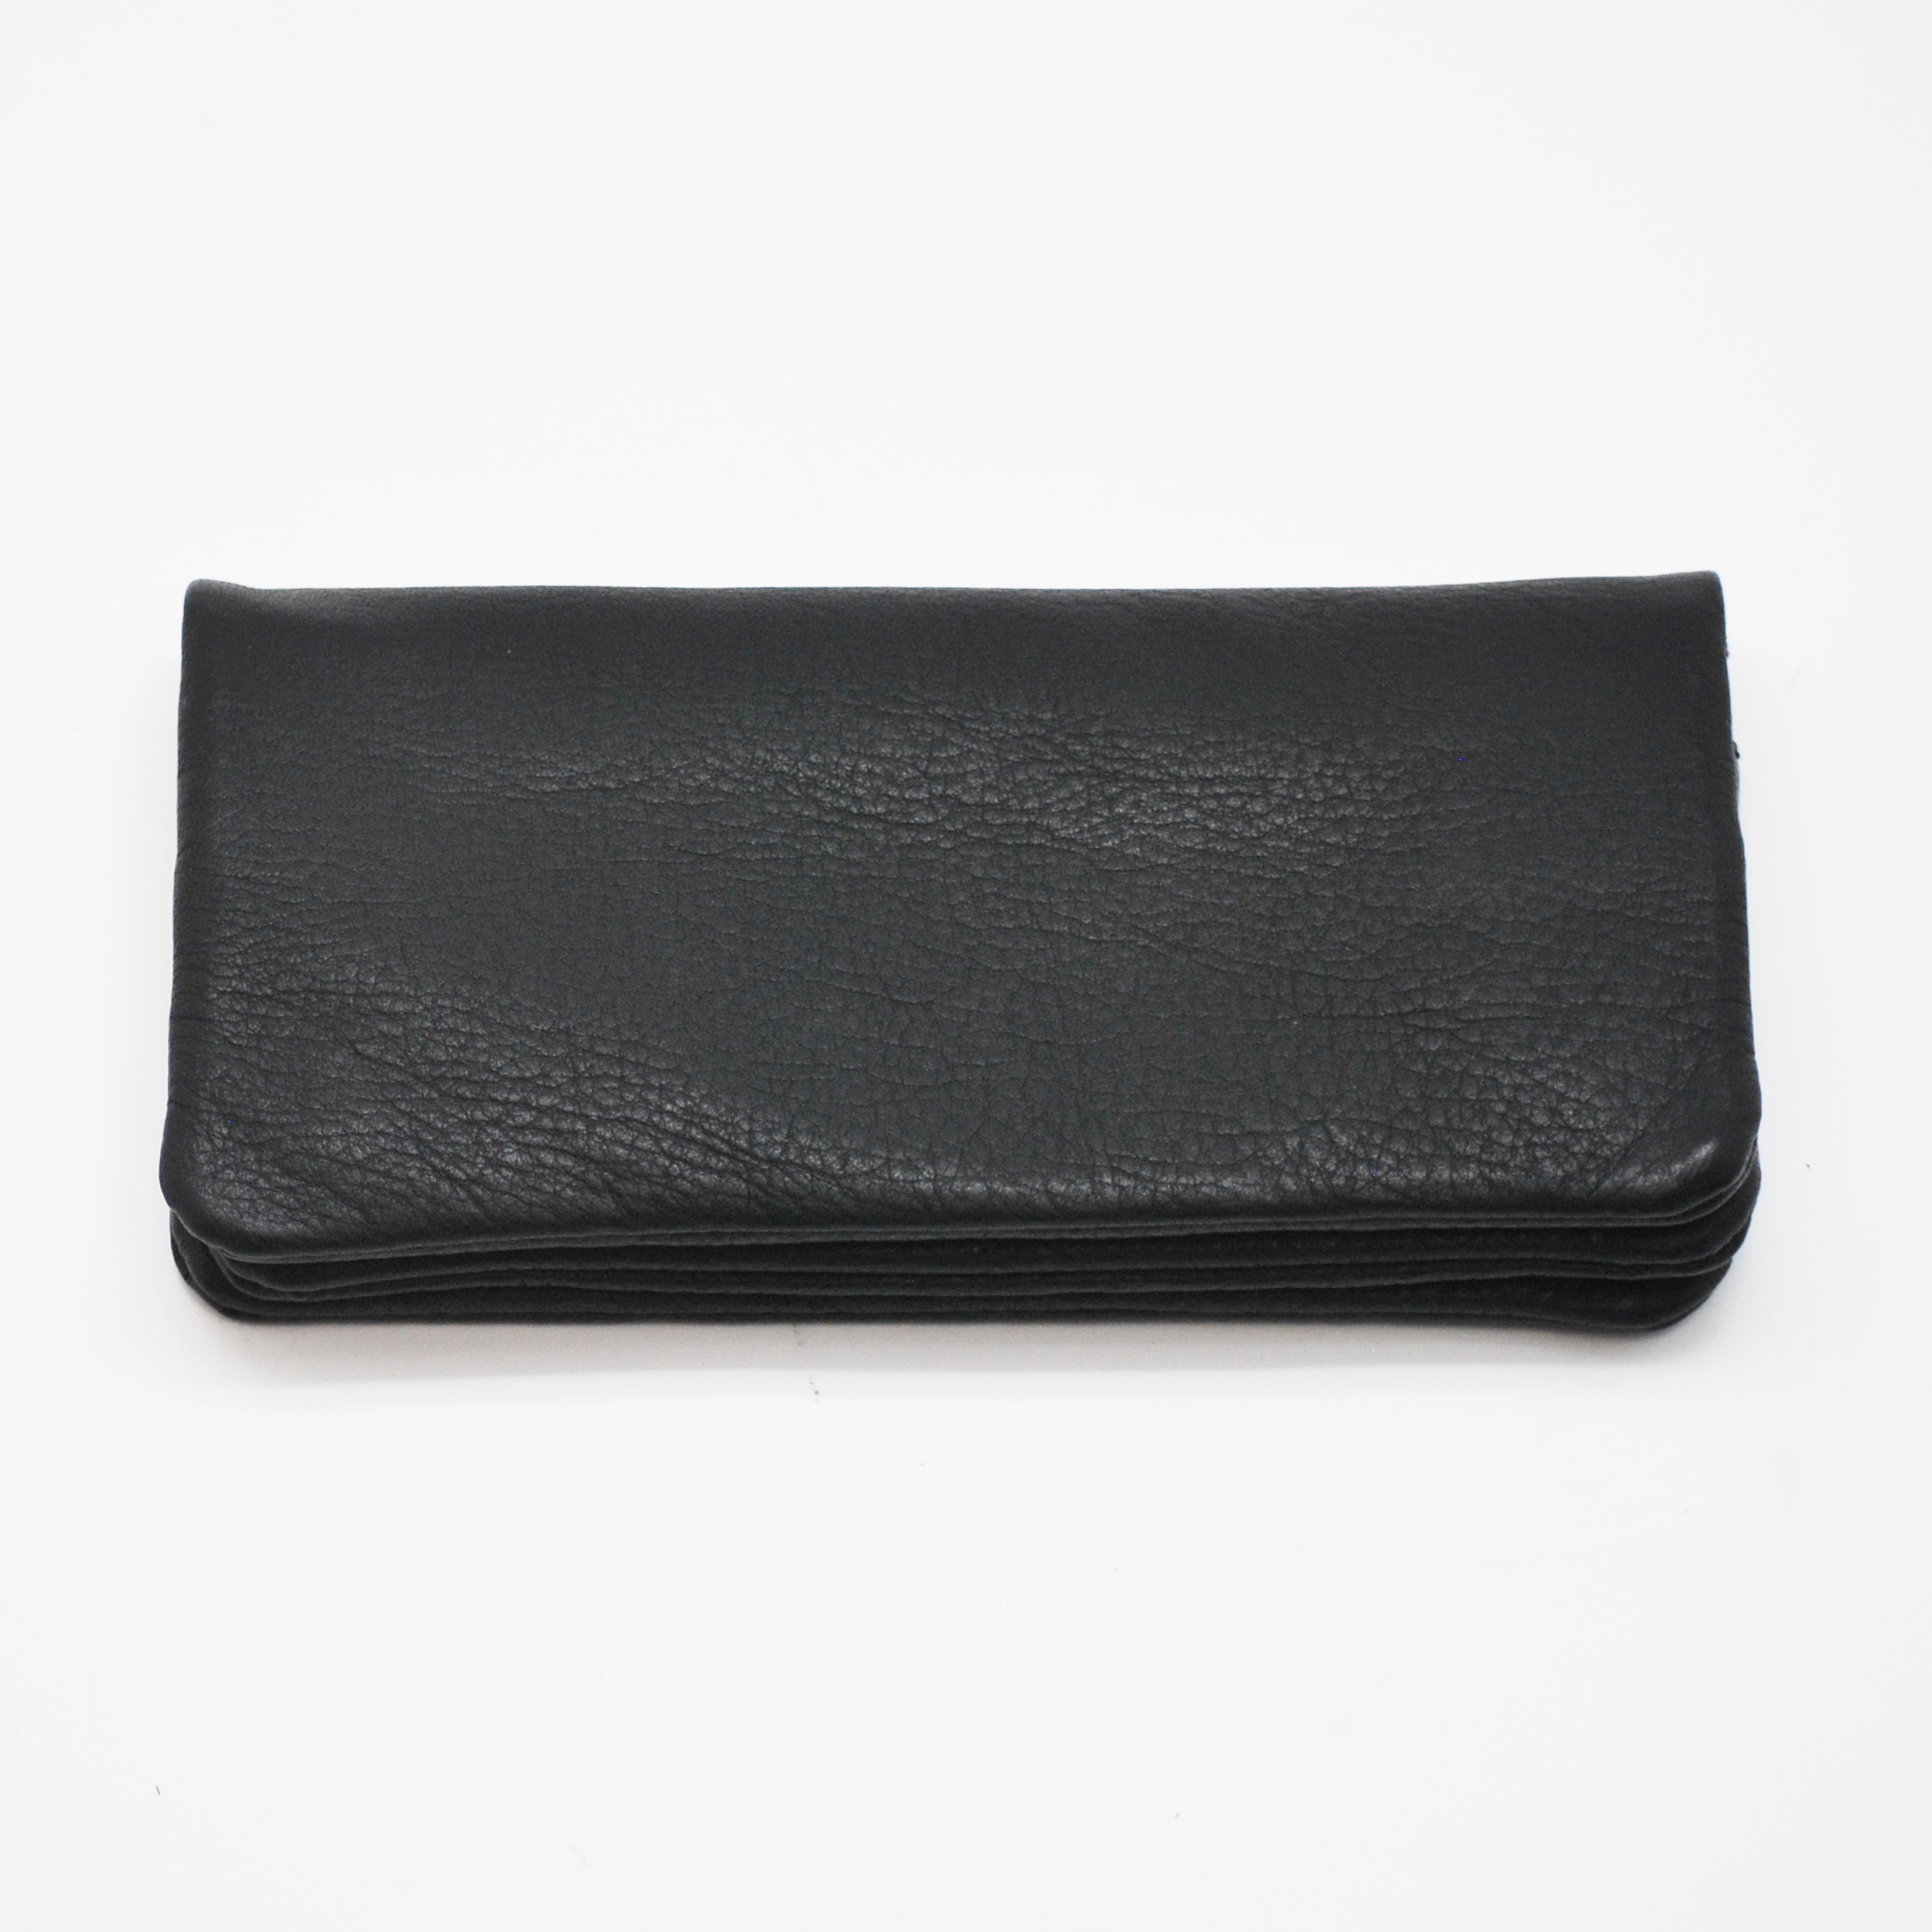 財布納品いたしました。